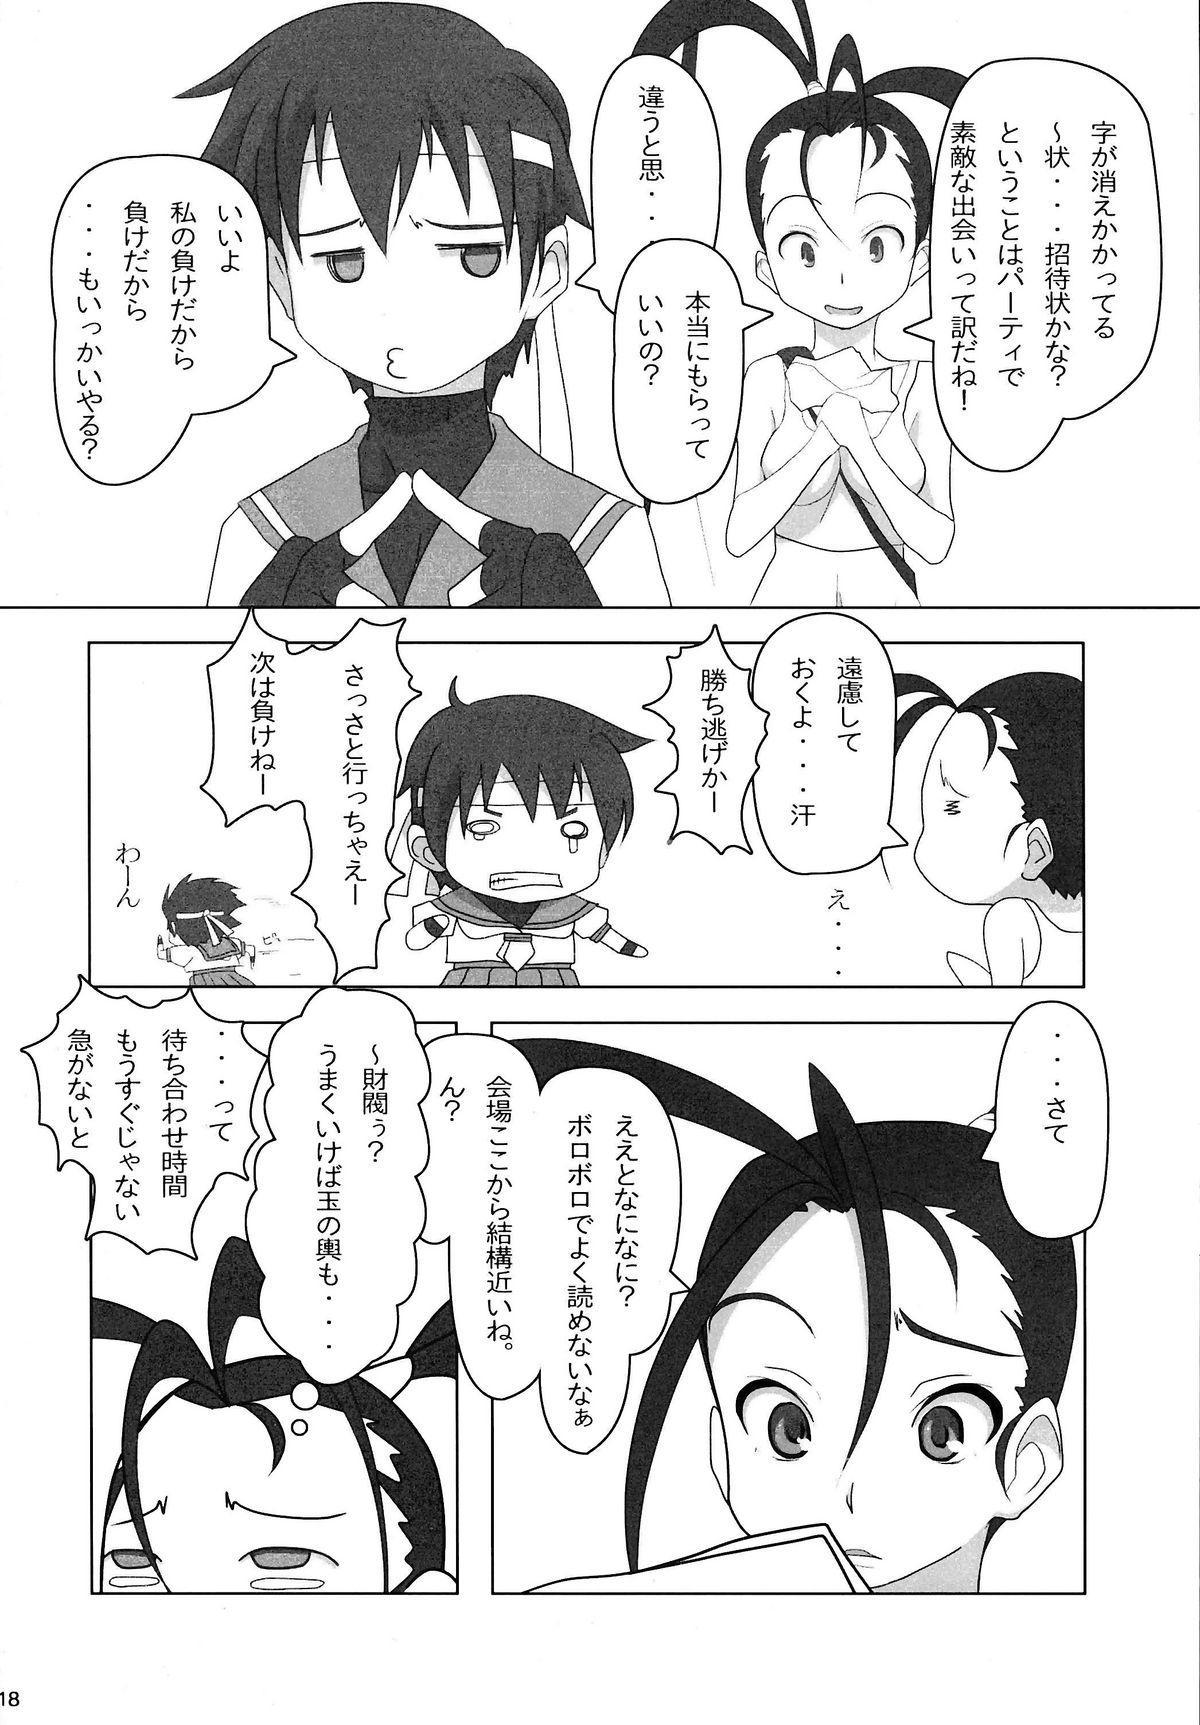 Kuruoshikishioki 16